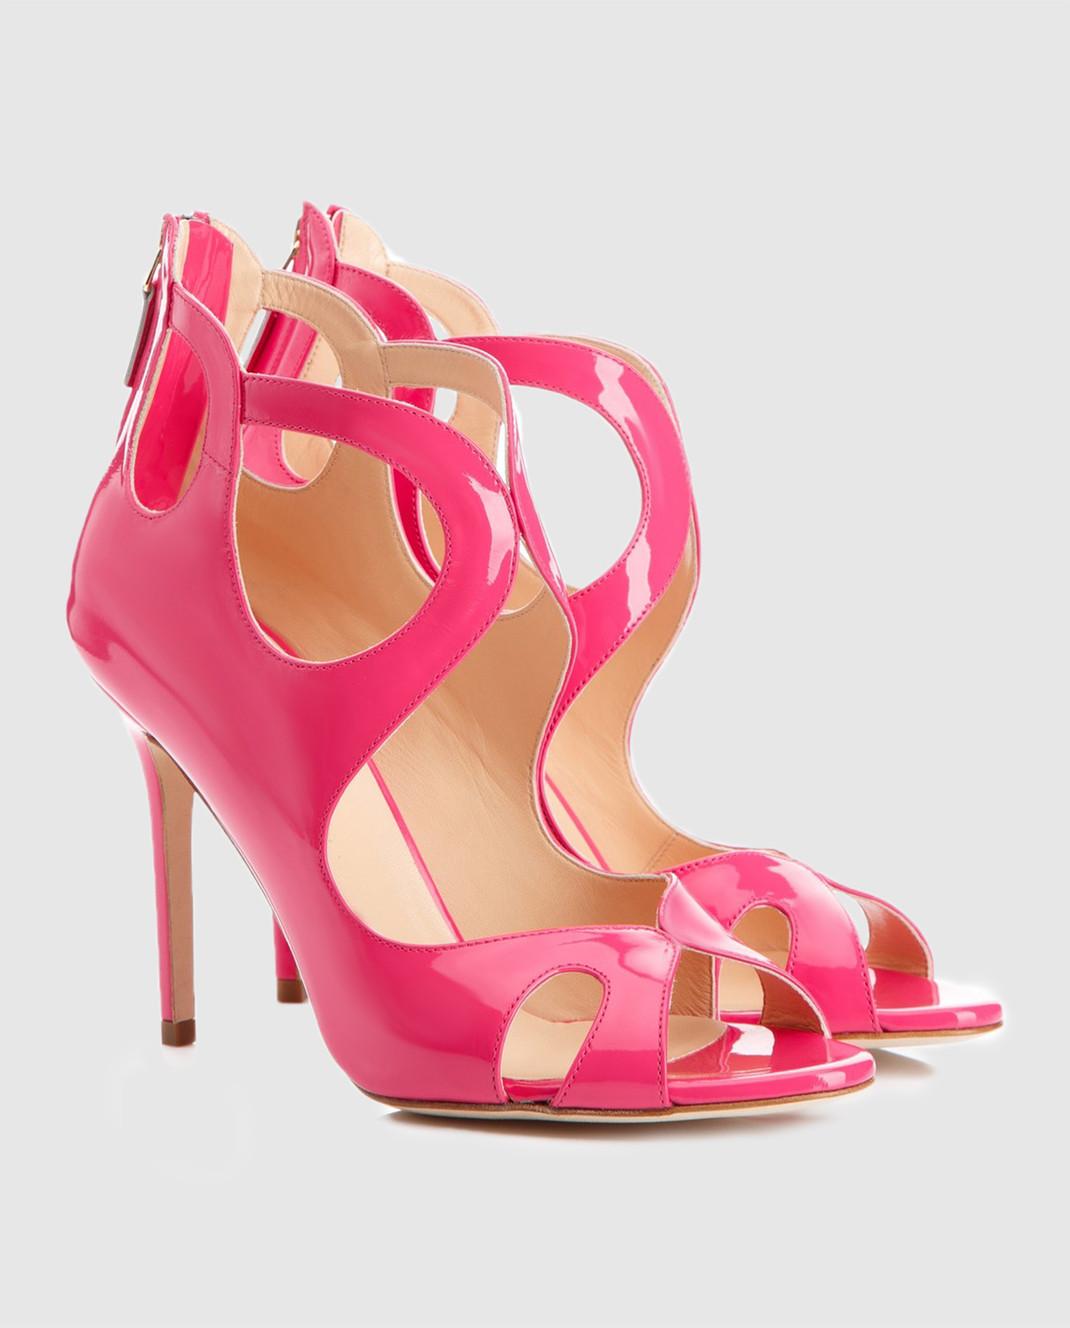 Cerasella Розовые босоножки из лакированной кожи FABIOLAVERNICE изображение 3